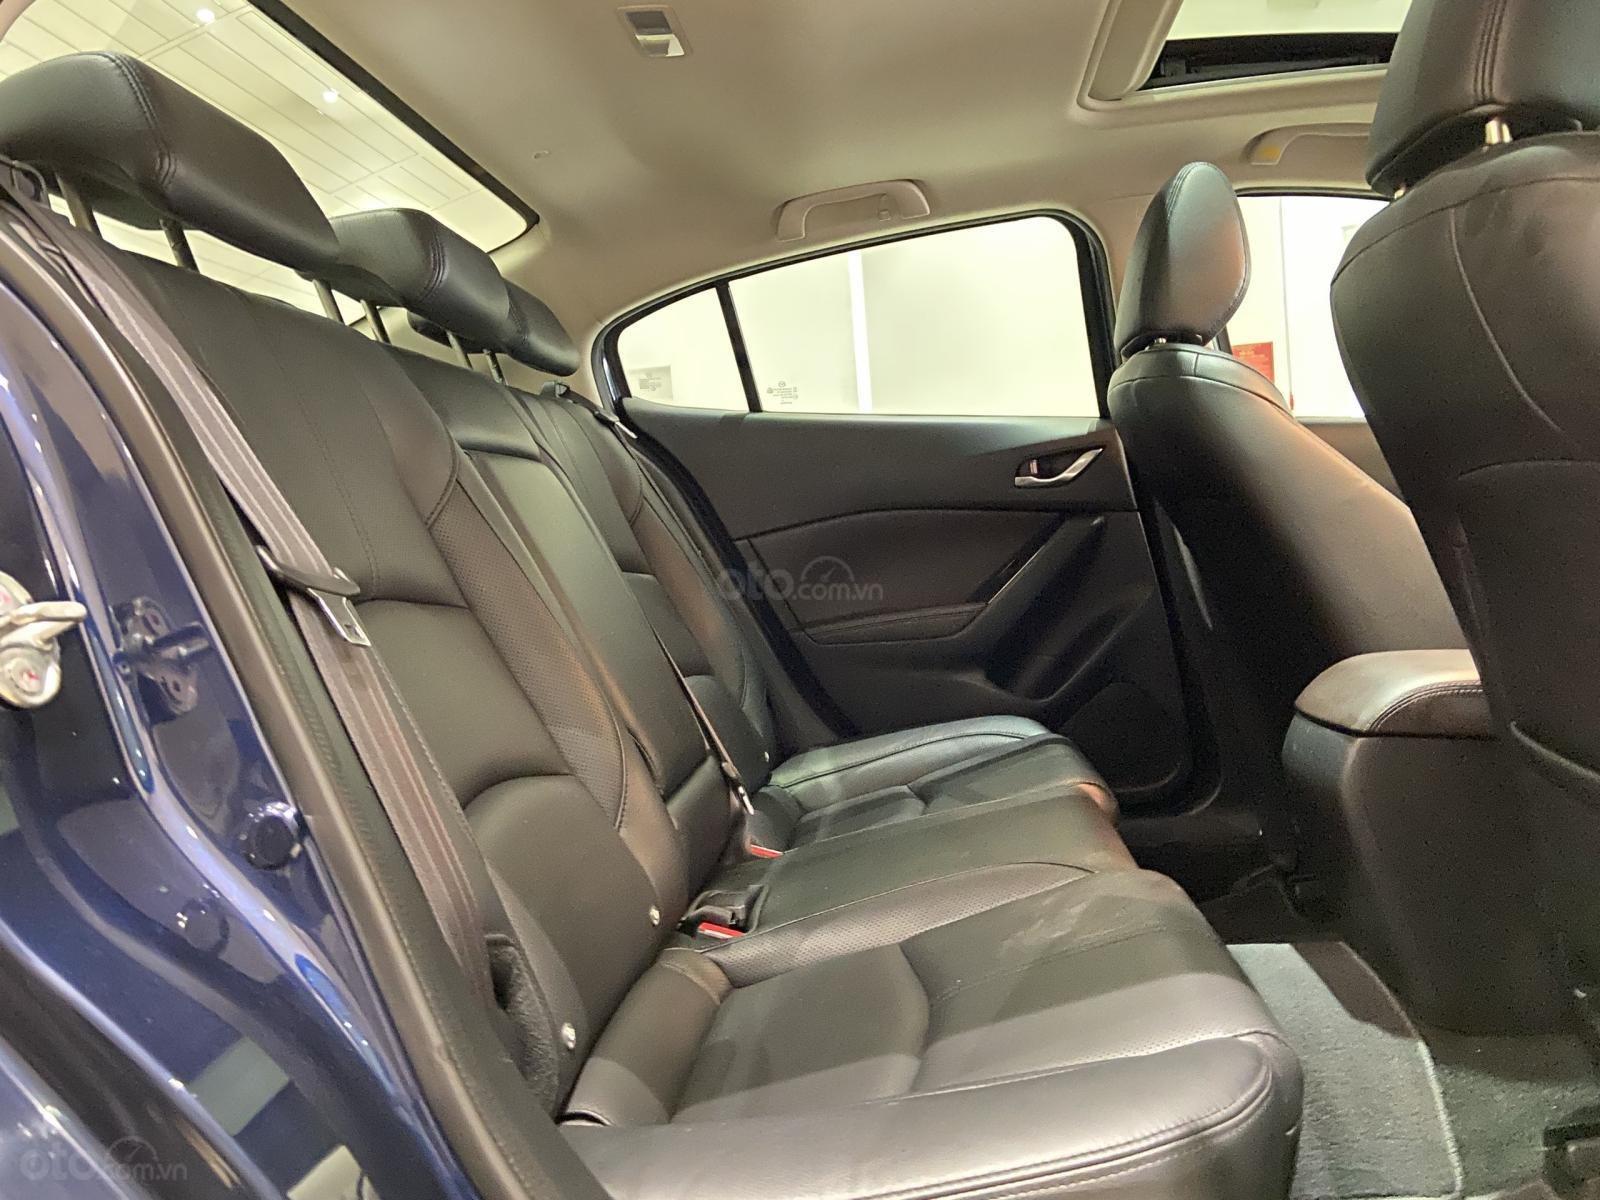 Bán xe Mazda 3 năm sản xuất 2019, xe màu xanh lam, xe gia đình mới đi 25.000 km (10)